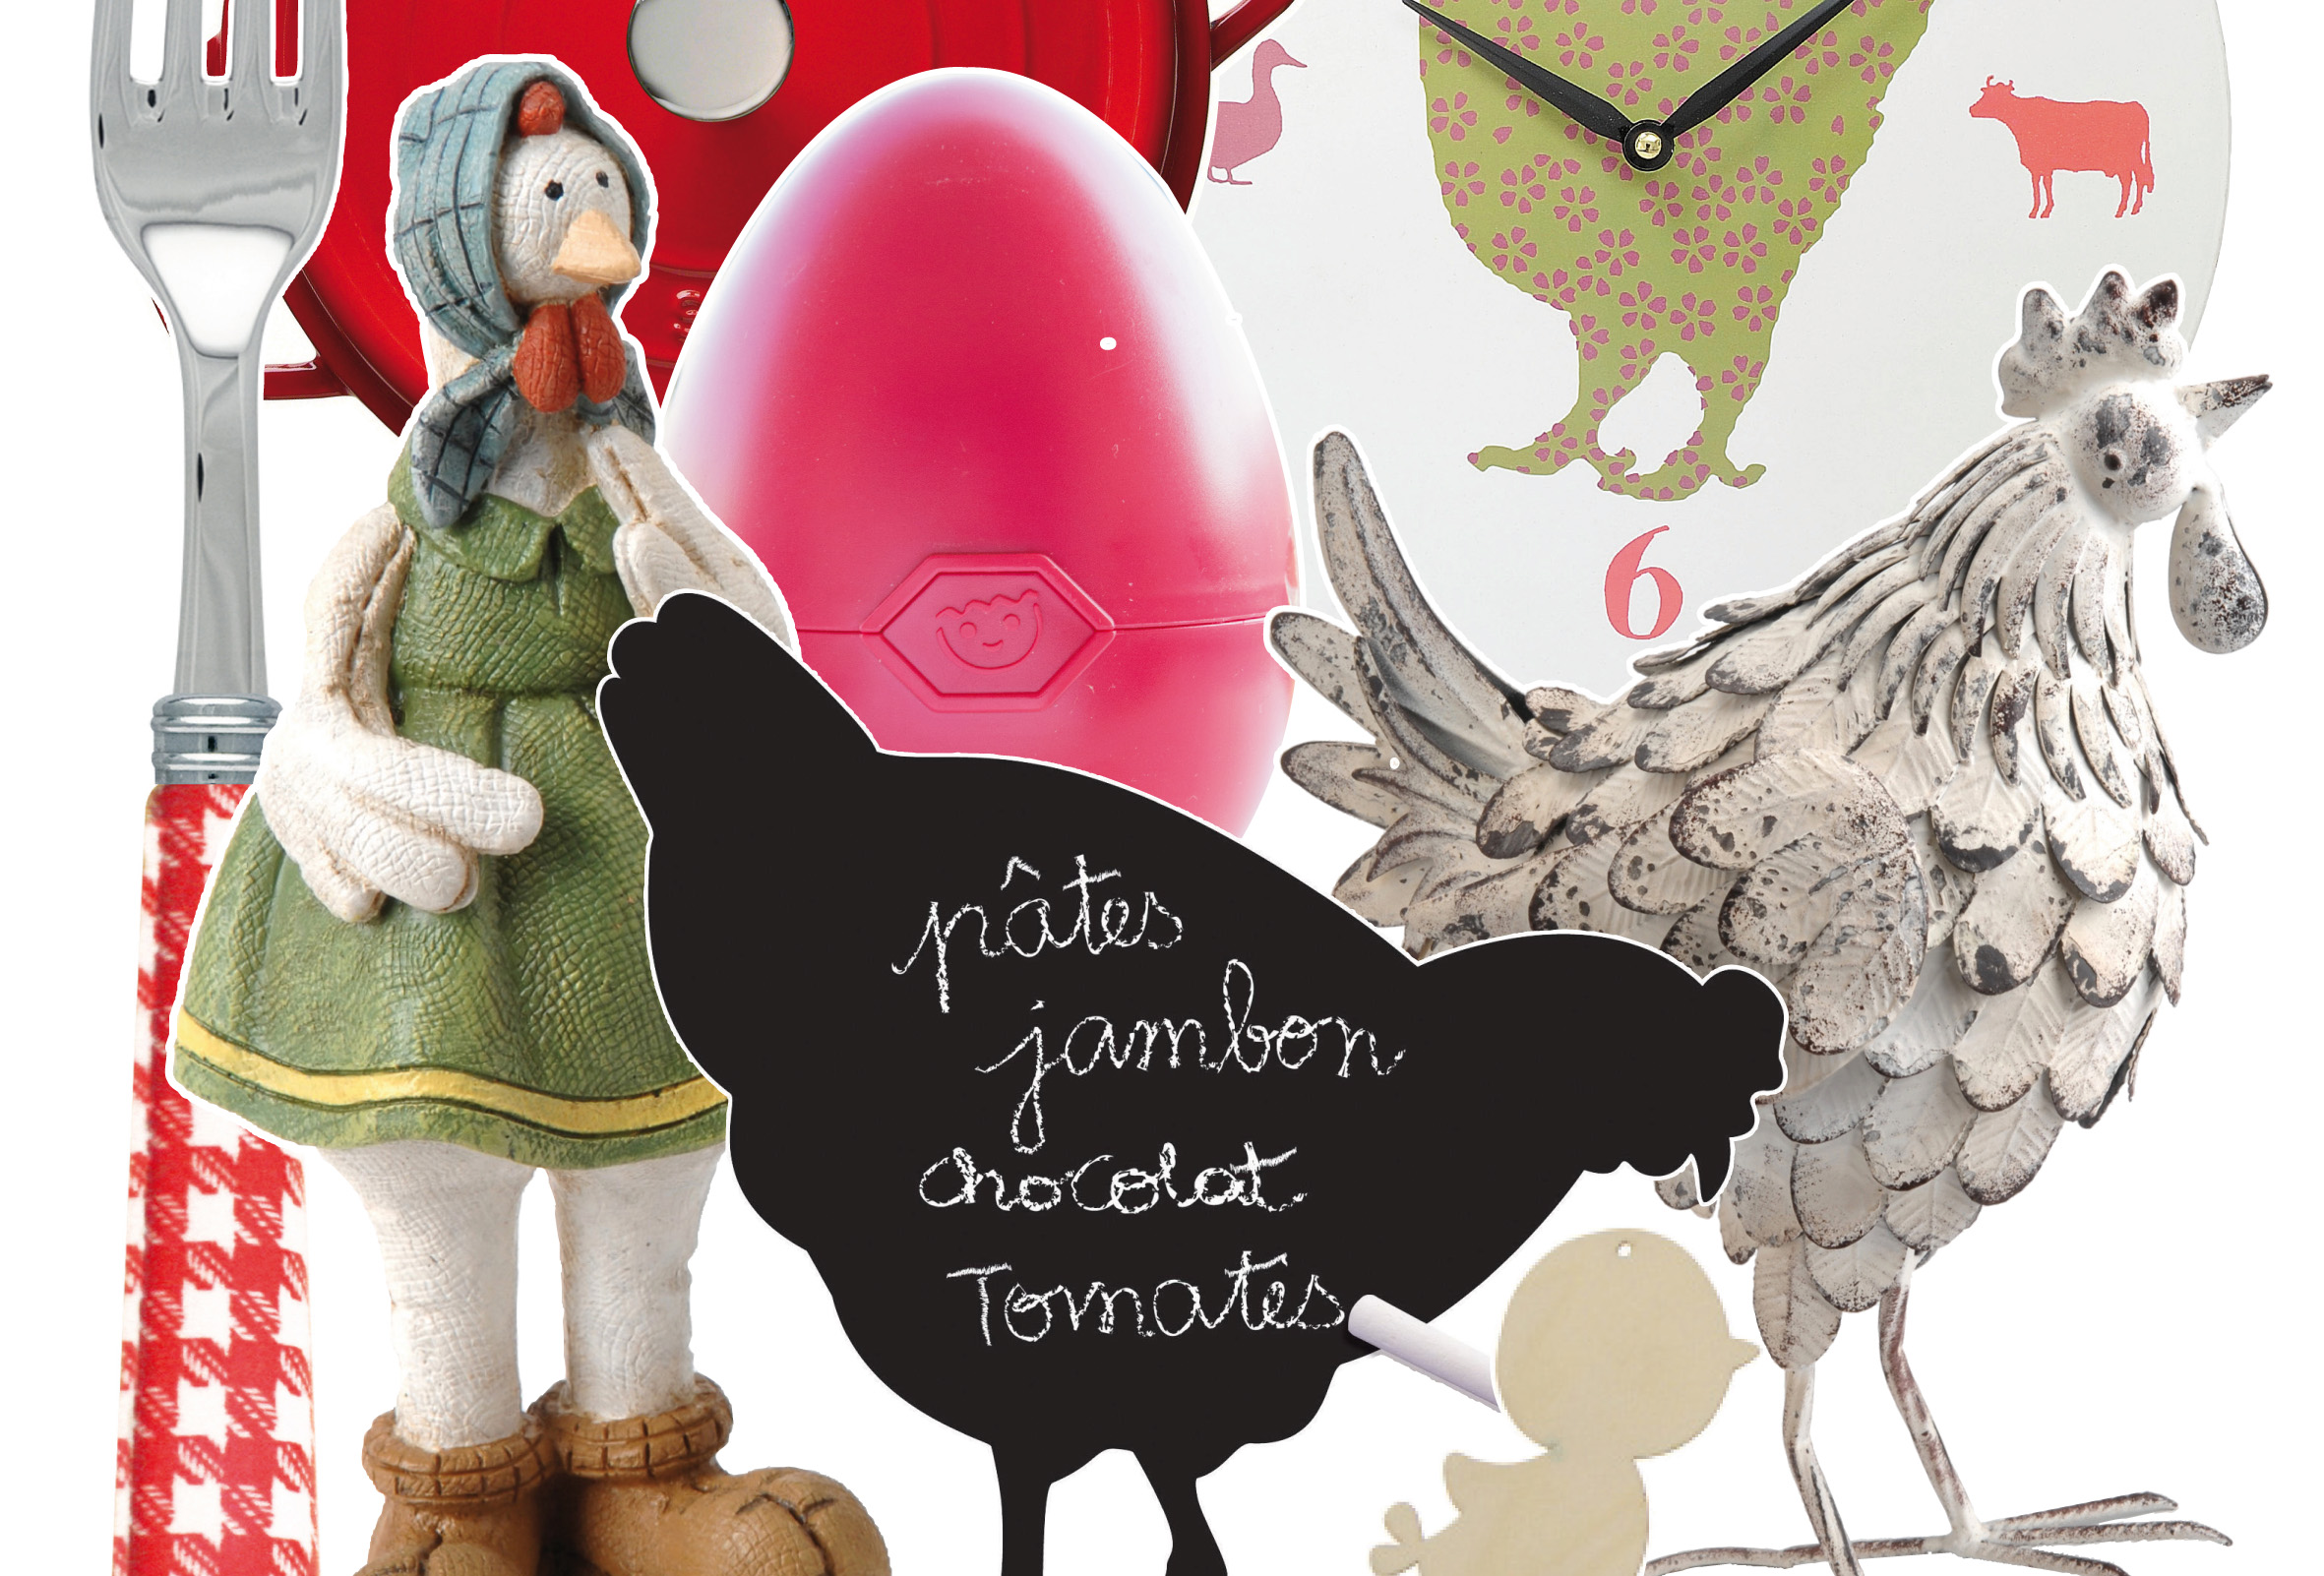 decoration_paques_oeuf_poule_cocotte_lapin_ouverture